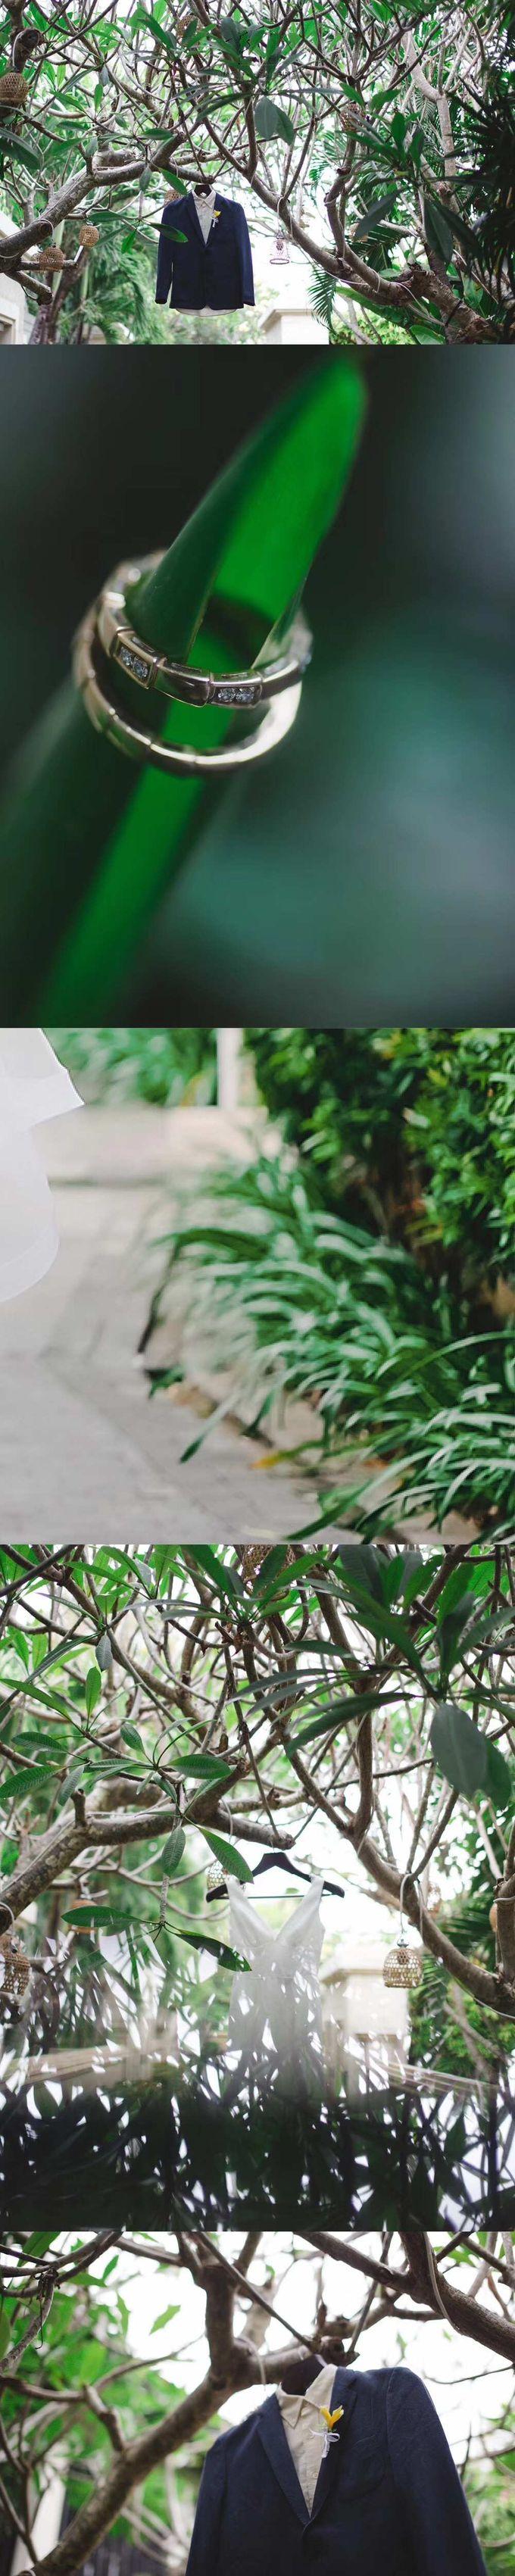 Liu Chang & Dong Yuexin by The Sakala Resort Bali - 009